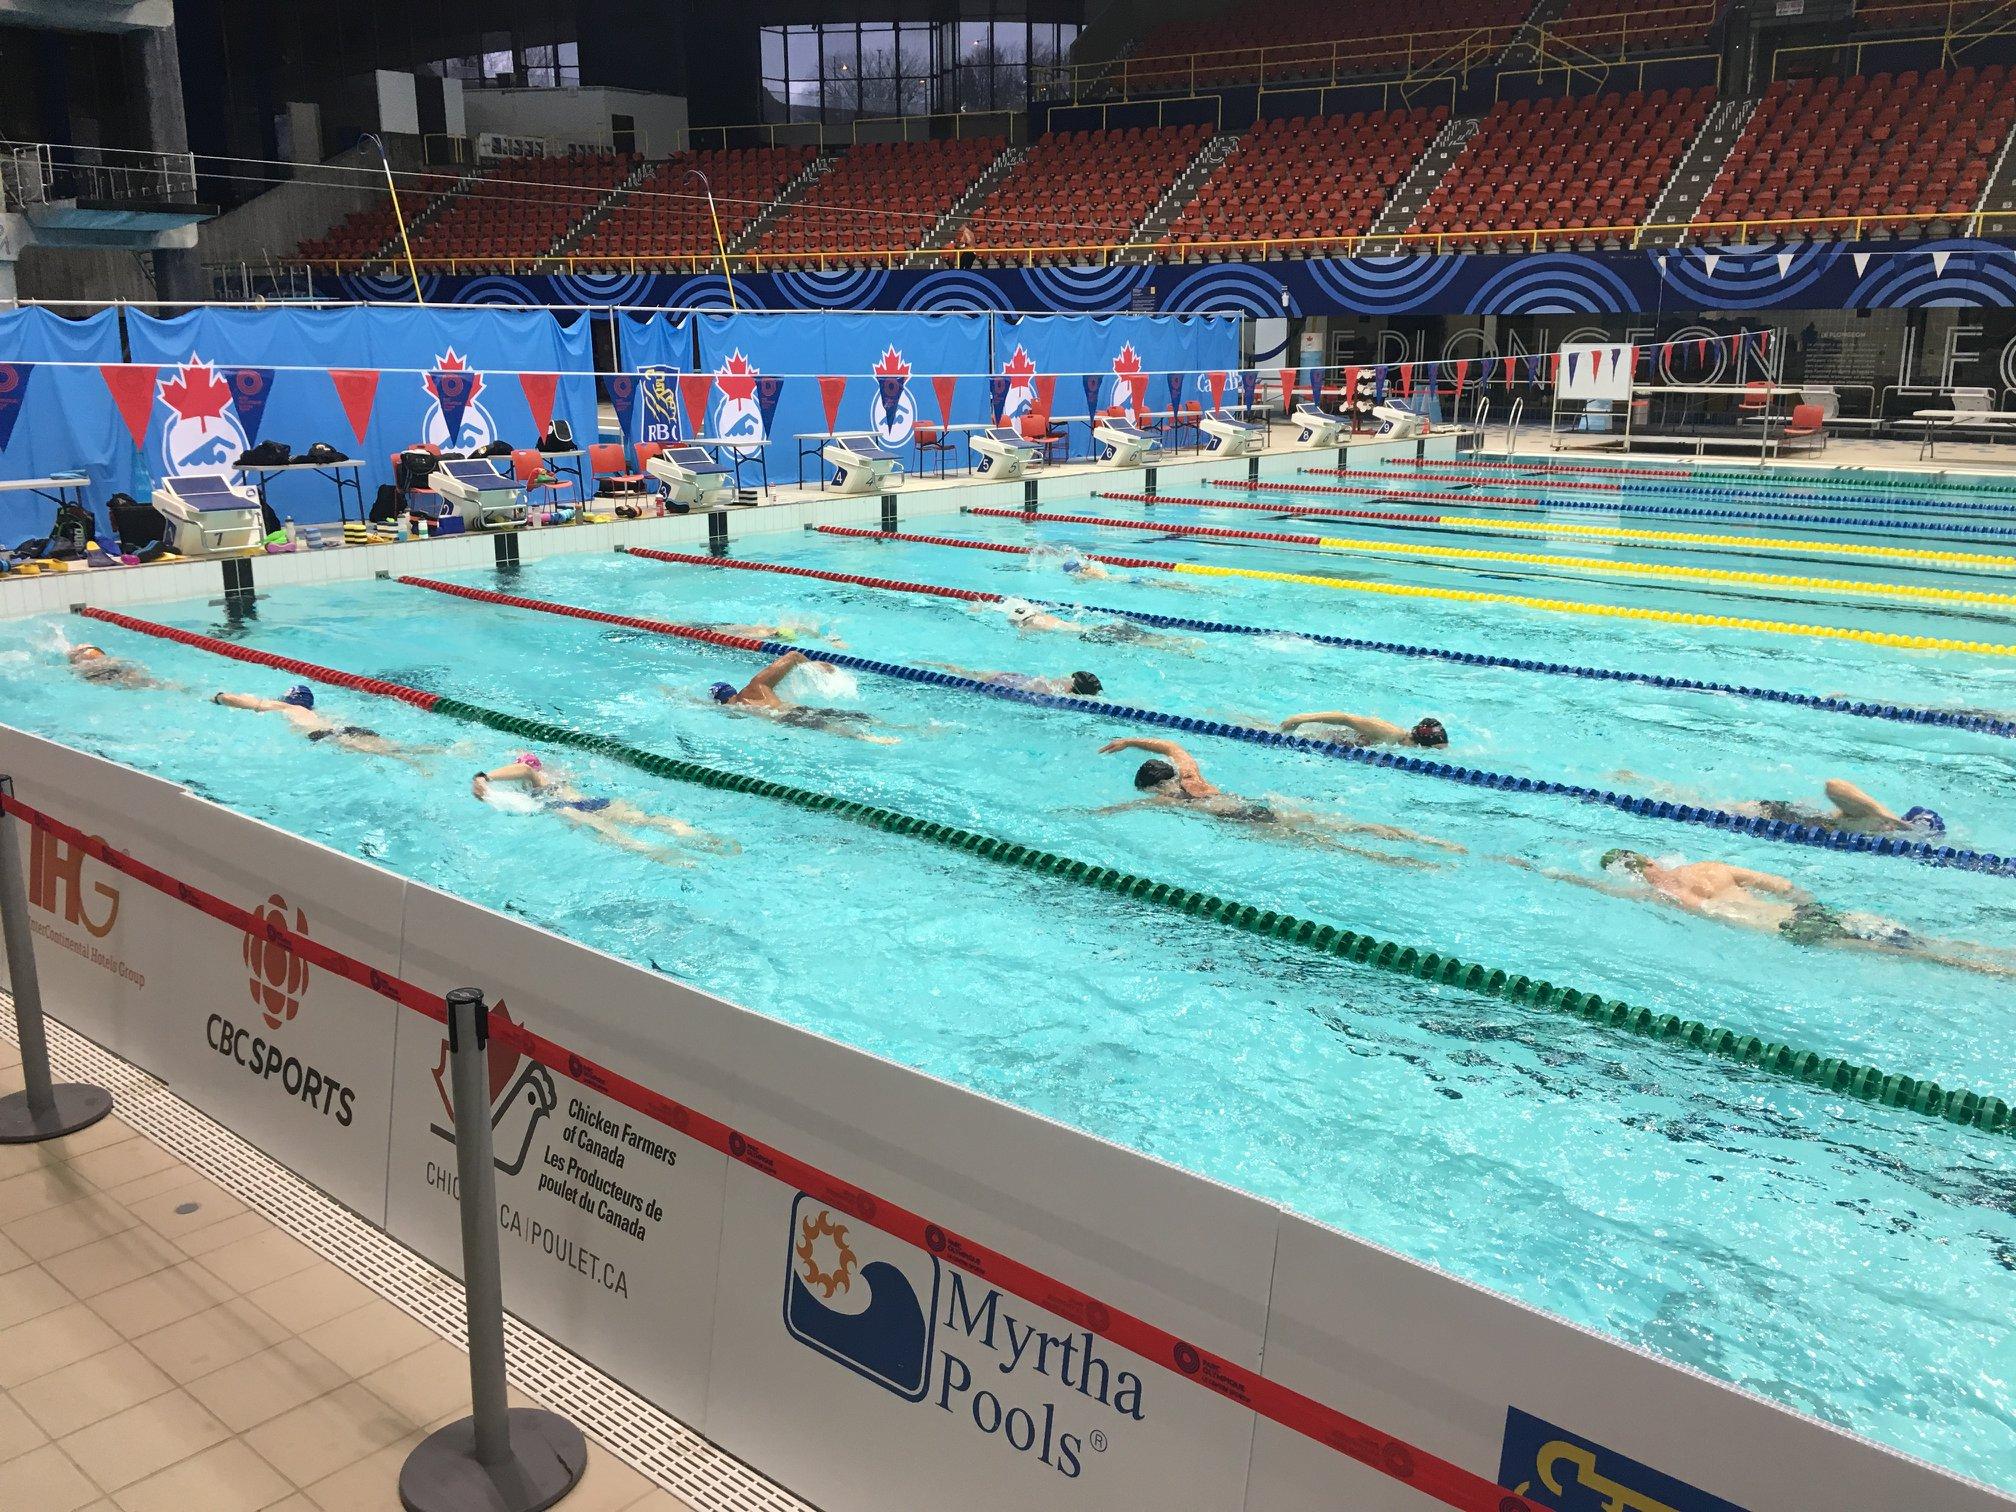 séance de natation aussi inspirante que motivante